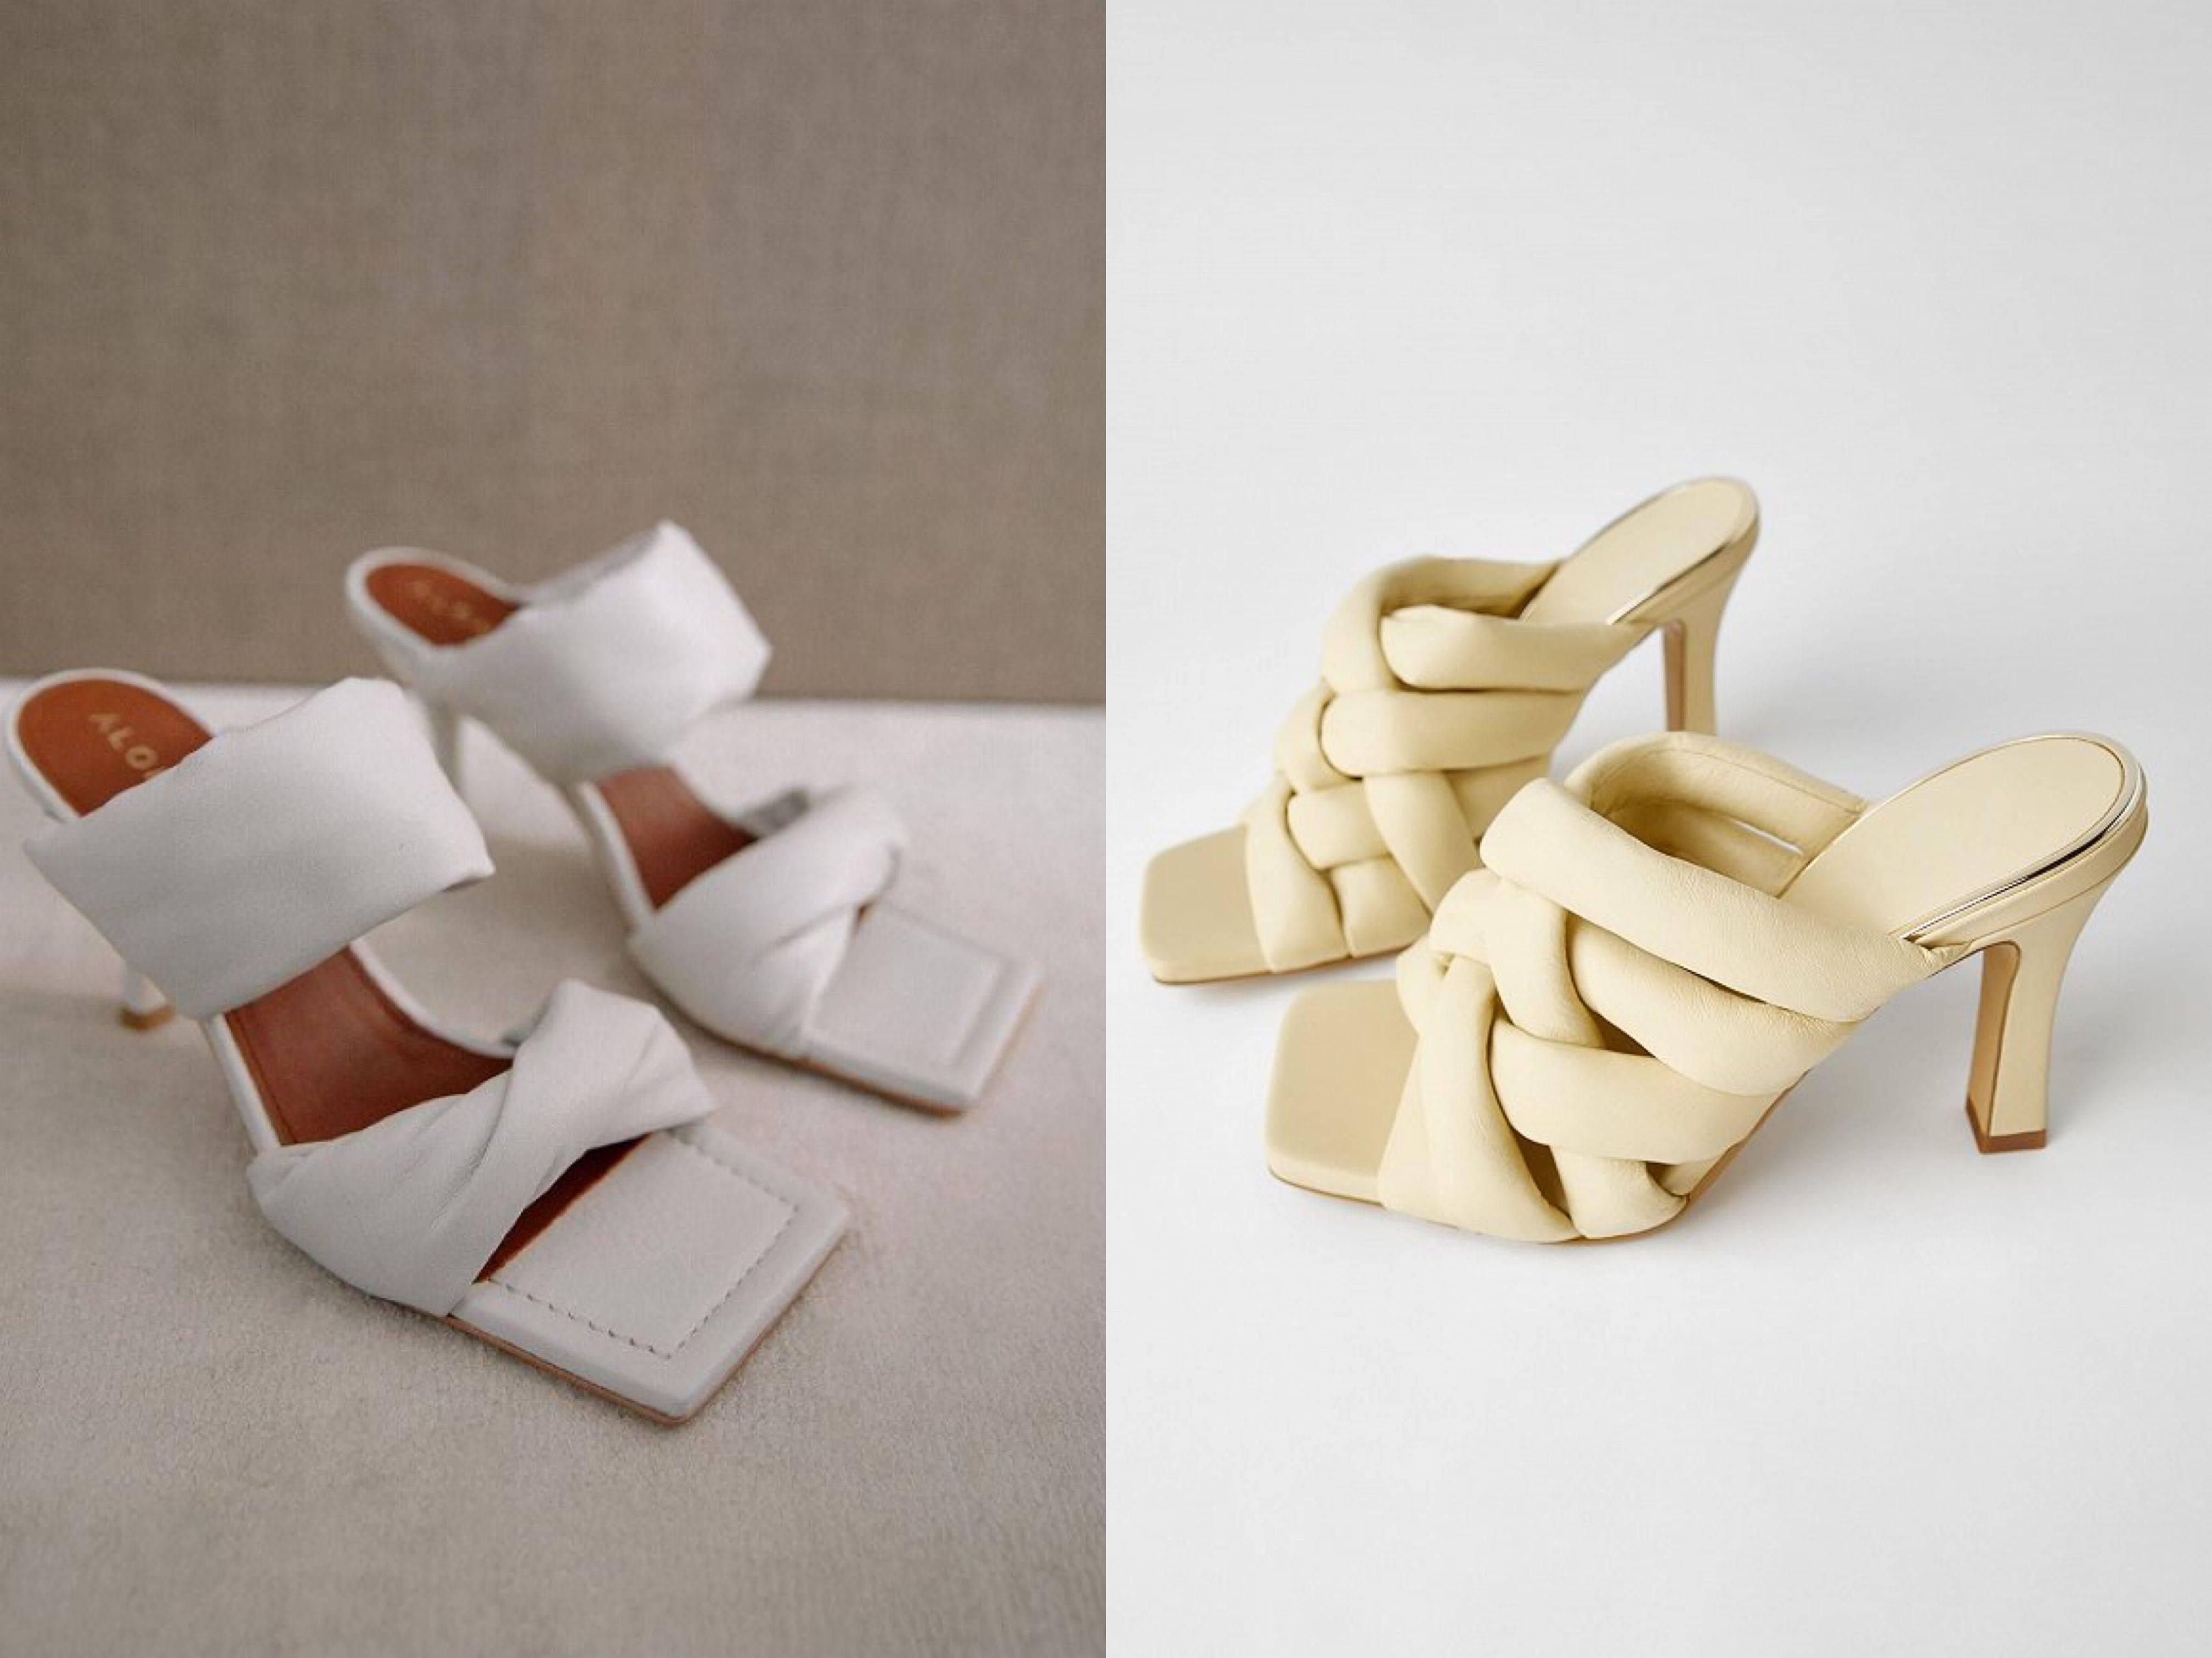 【慵懒精致的凉鞋】这个夏天,你需要一双慵懒又精致的凉鞋